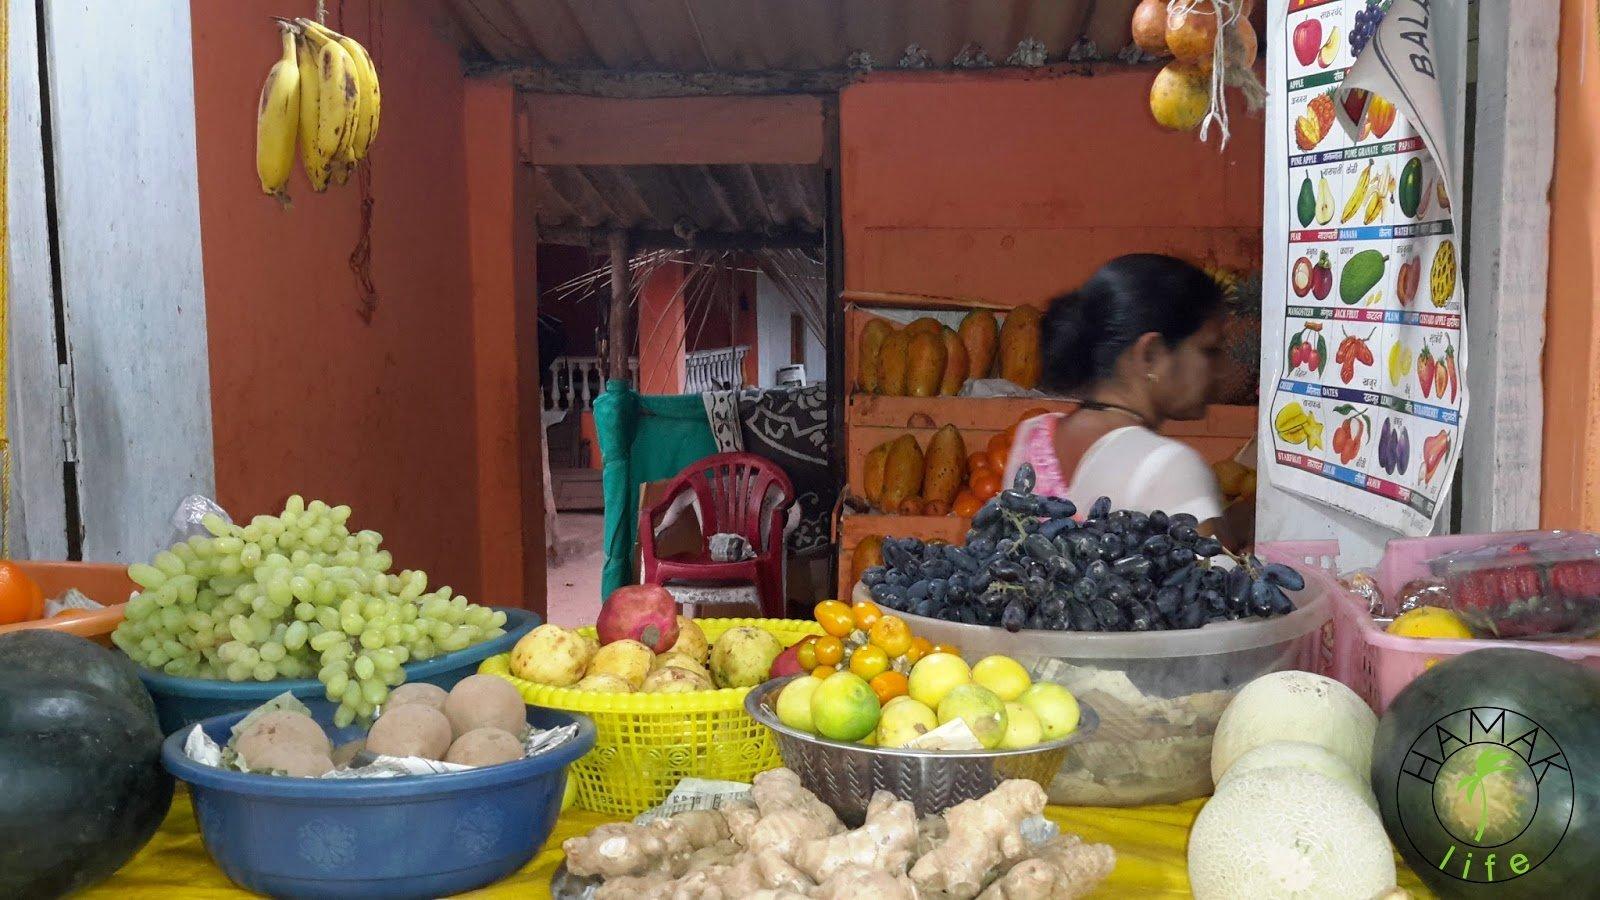 Stragan z owocami na Goa. Można tutaj kupić sok z kokosa.